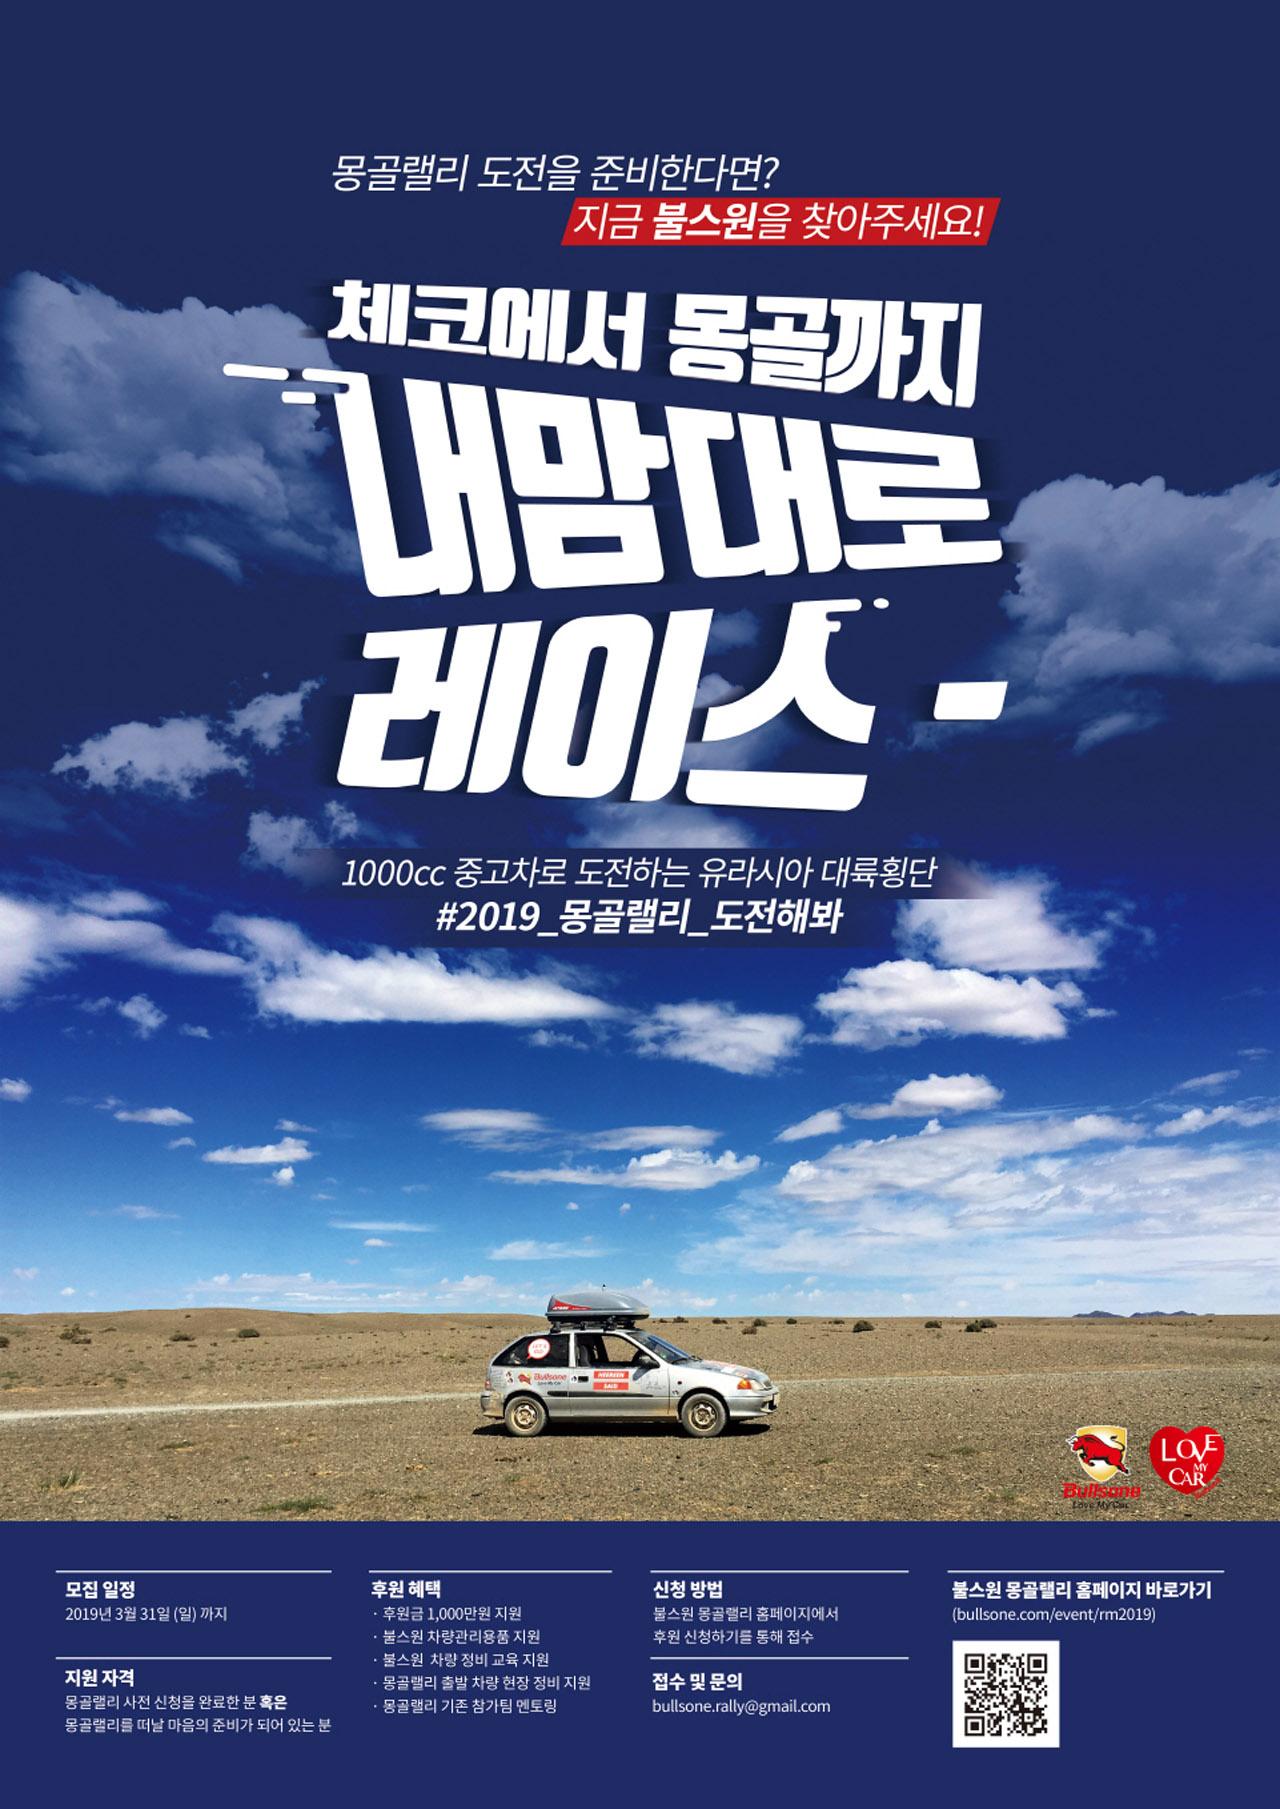 [불스원] 2019 몽골랠리 참가팀 후원 신청 포스터